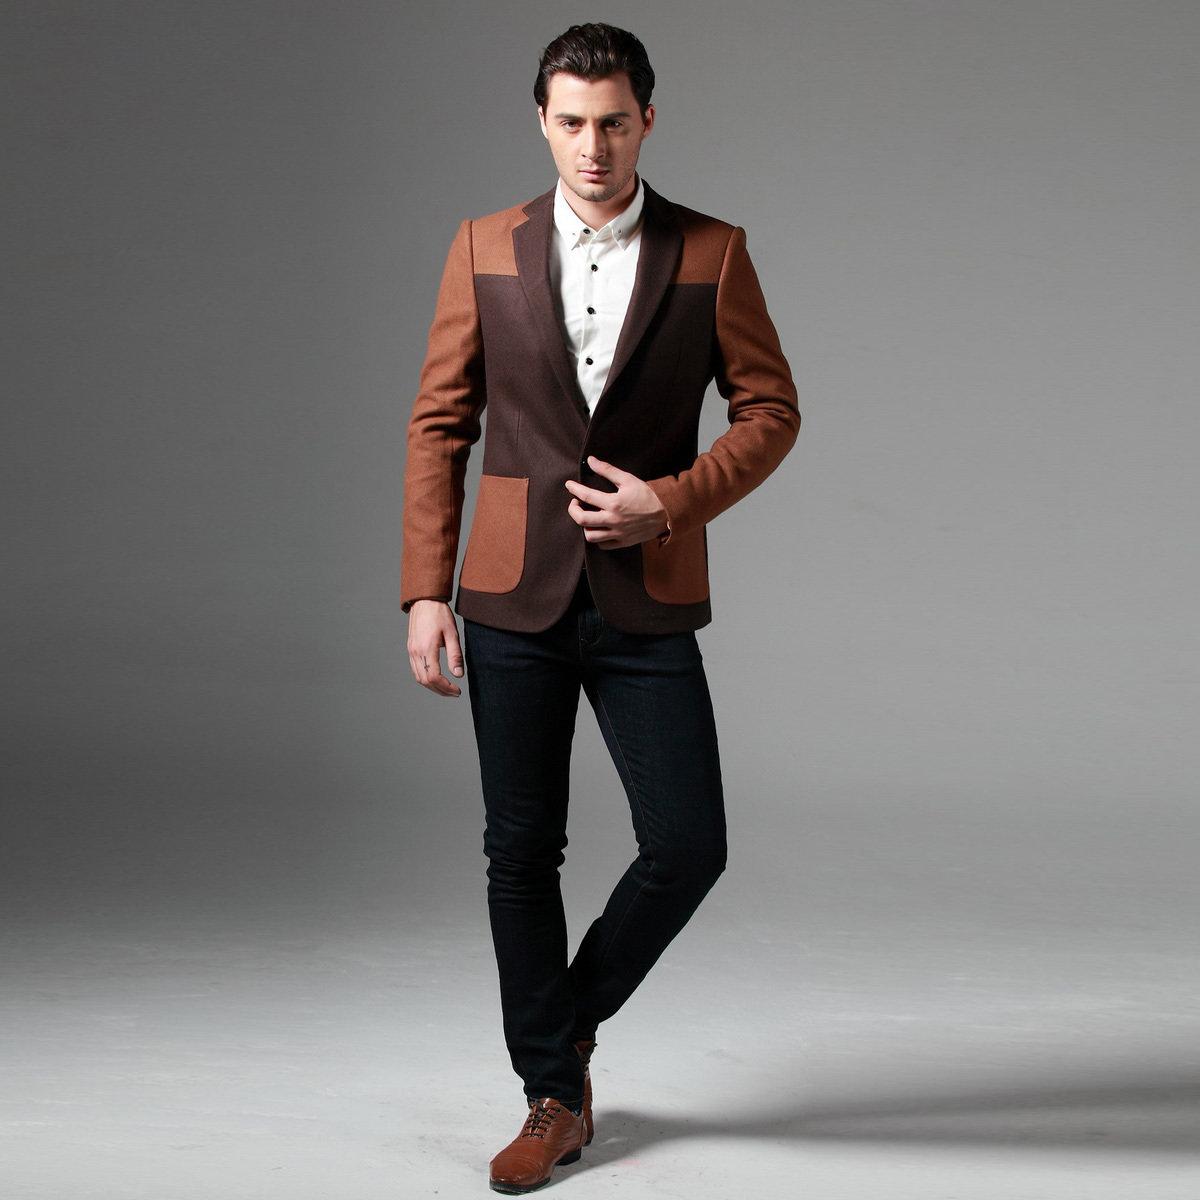 Картинки моделей одежды мужчин